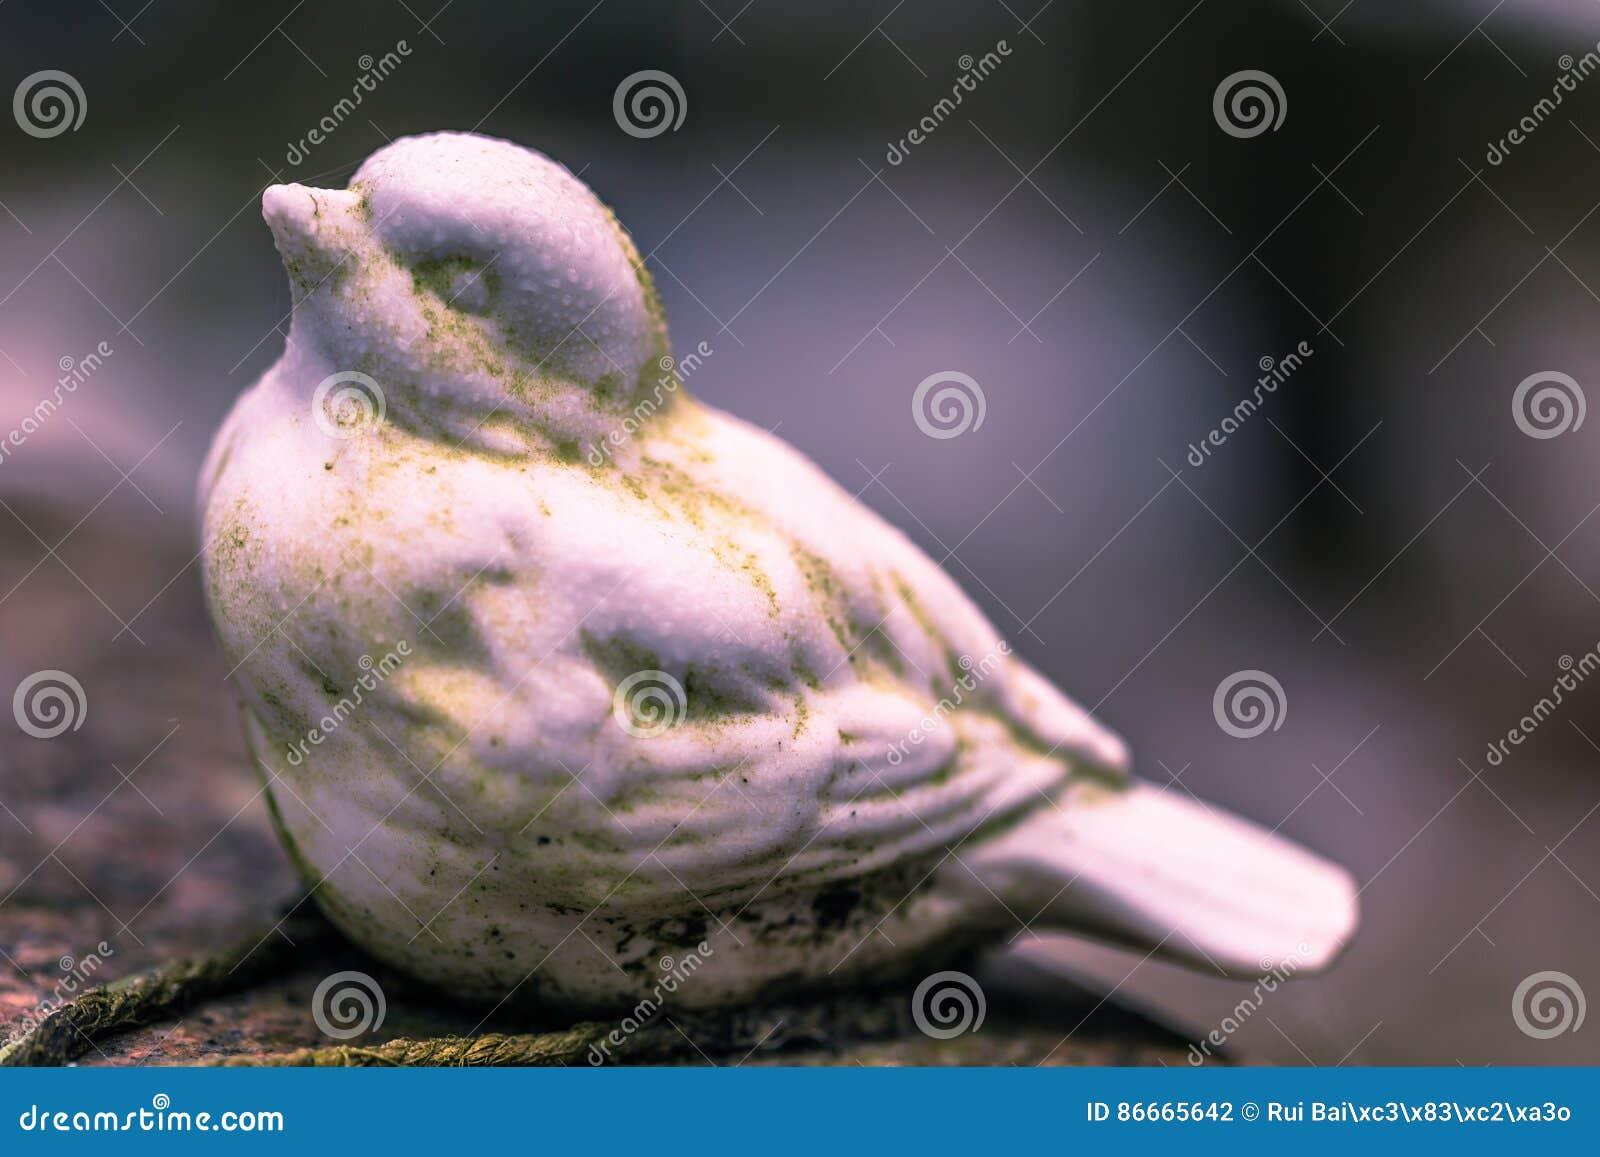 Januari 22, 2017: Staty av en fågel som dekorerar en grav i Skogsky